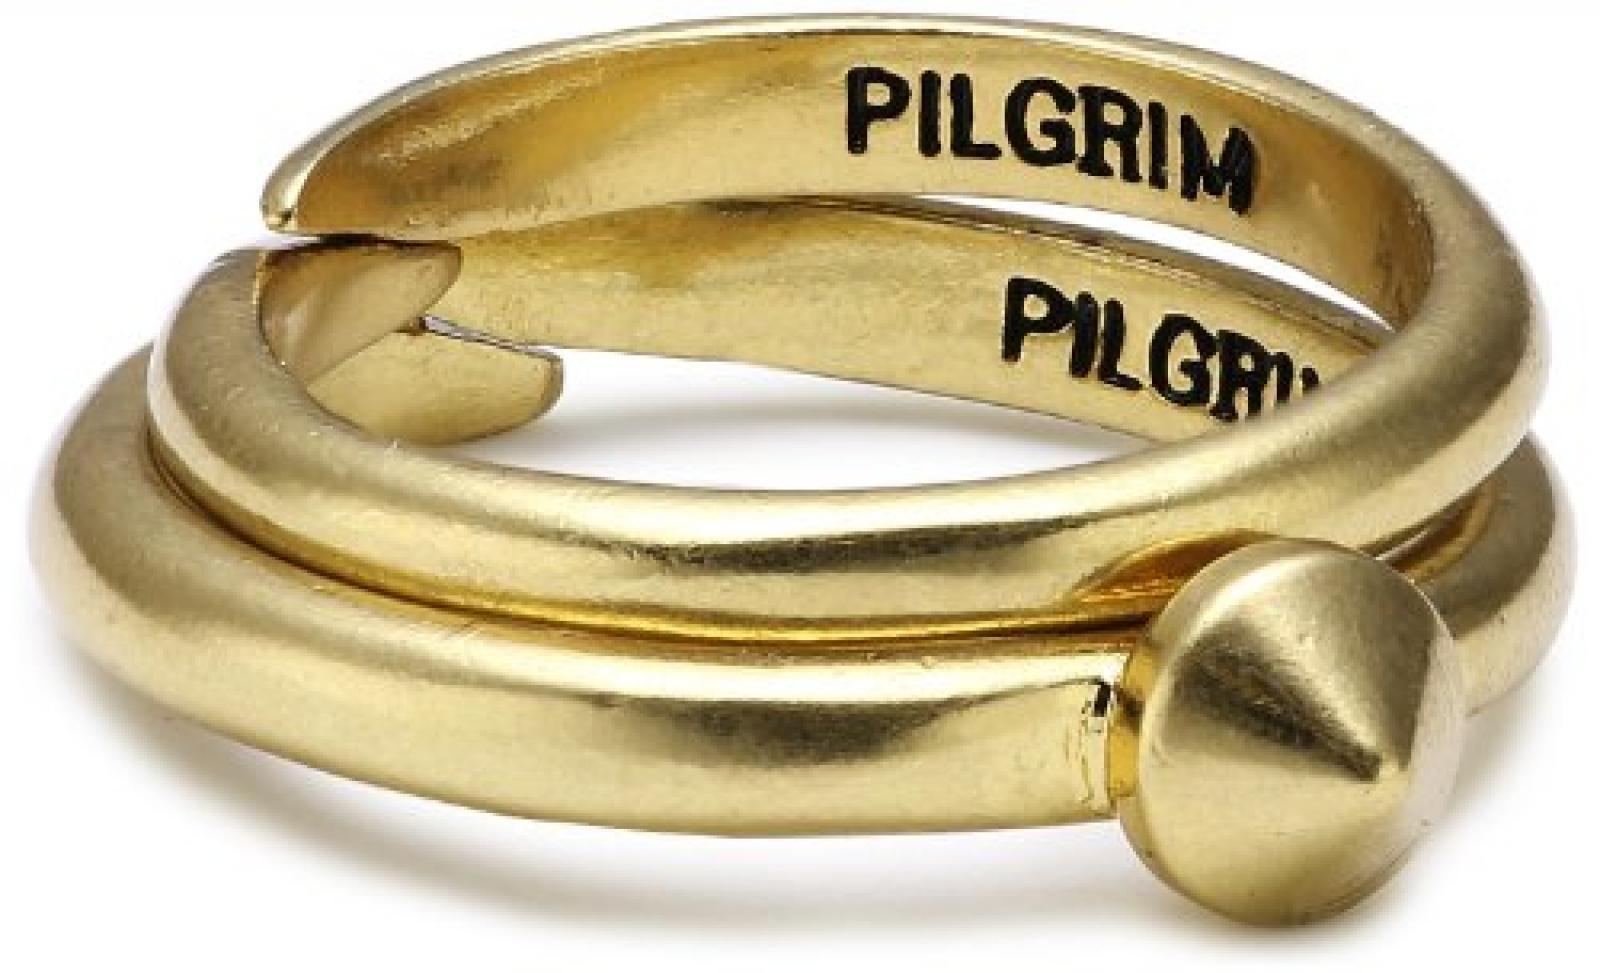 Pilgrim Jewelry Damen-Ring aus der Serie No limits vergoldet verstellbar 0.7 cm 211232004